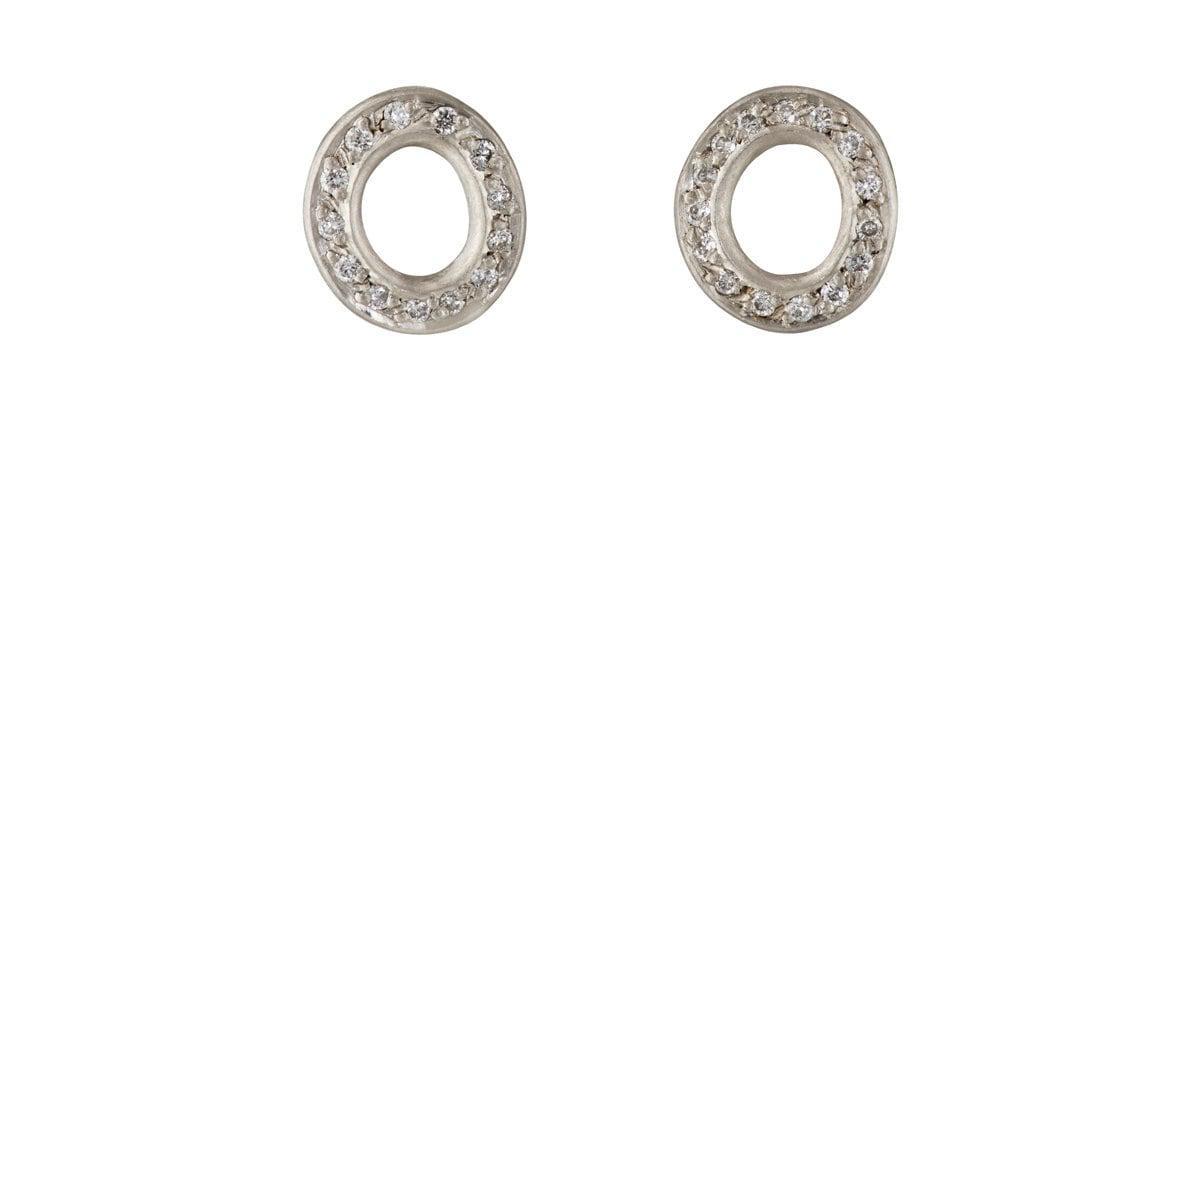 Malcolm Betts Womens Open Disc Stud Earrings dLPyjLQzS